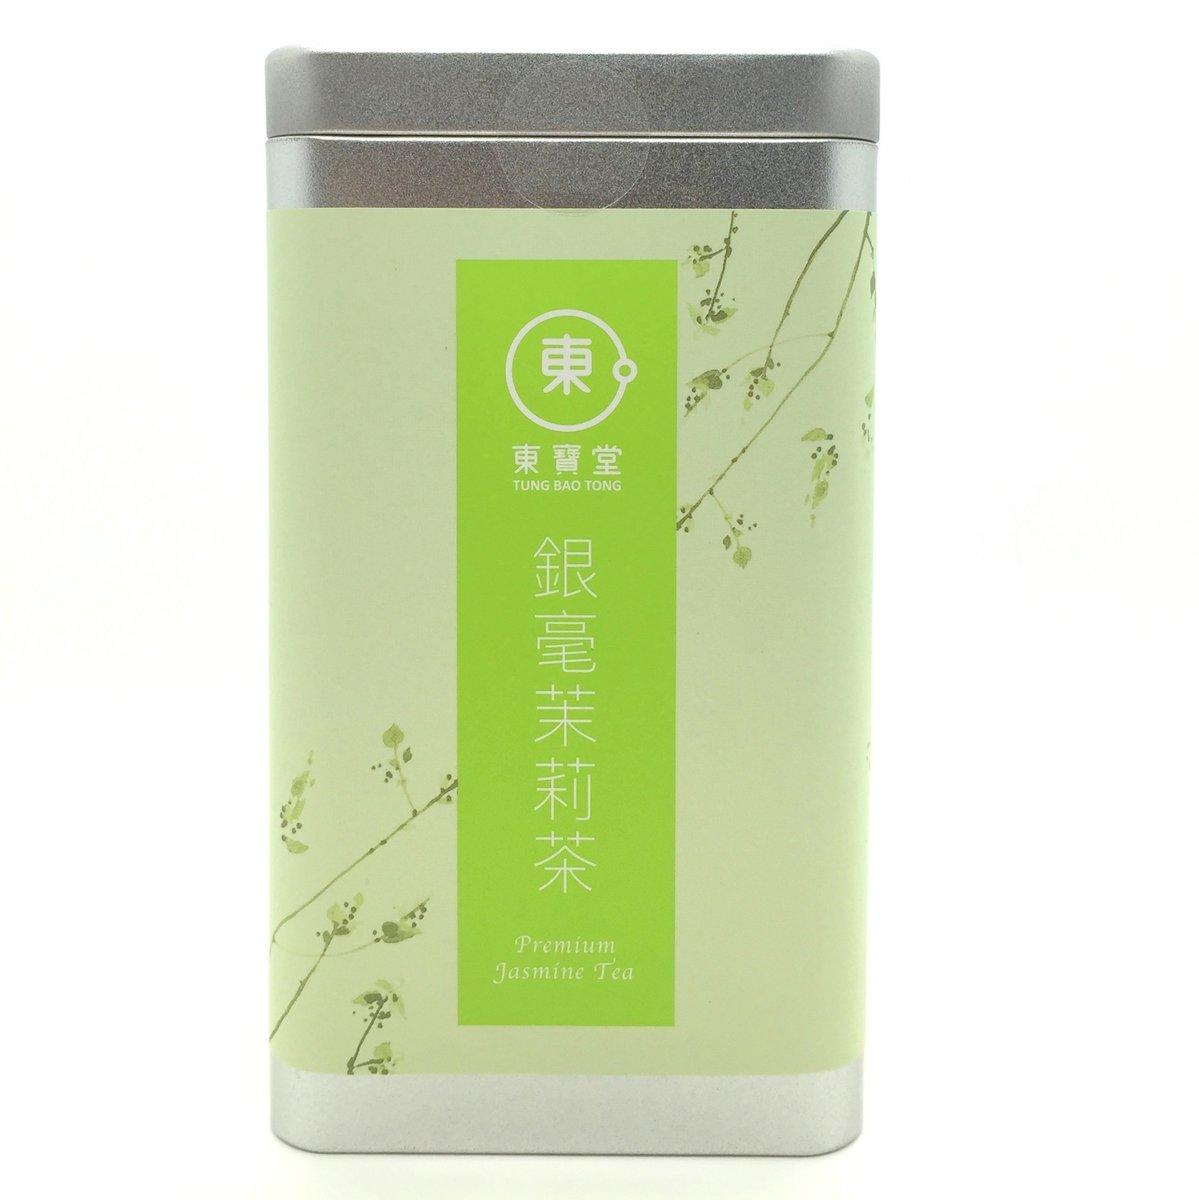 銀毫茉莉茶 (10包裝)